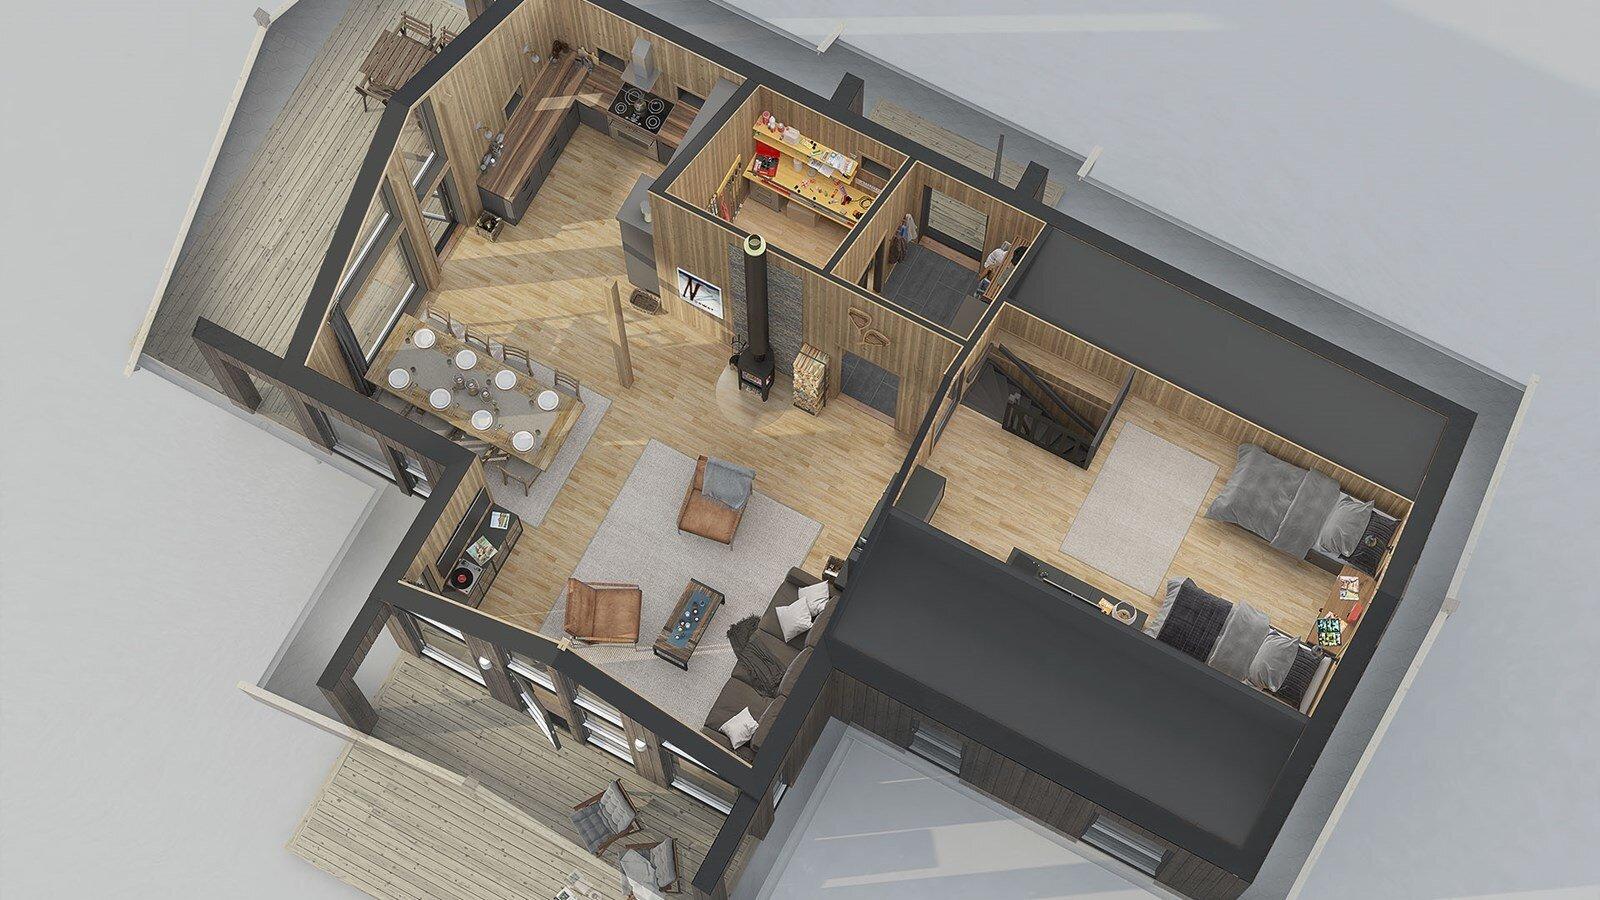 Аврора Бергстуа мансардный этаж планировка